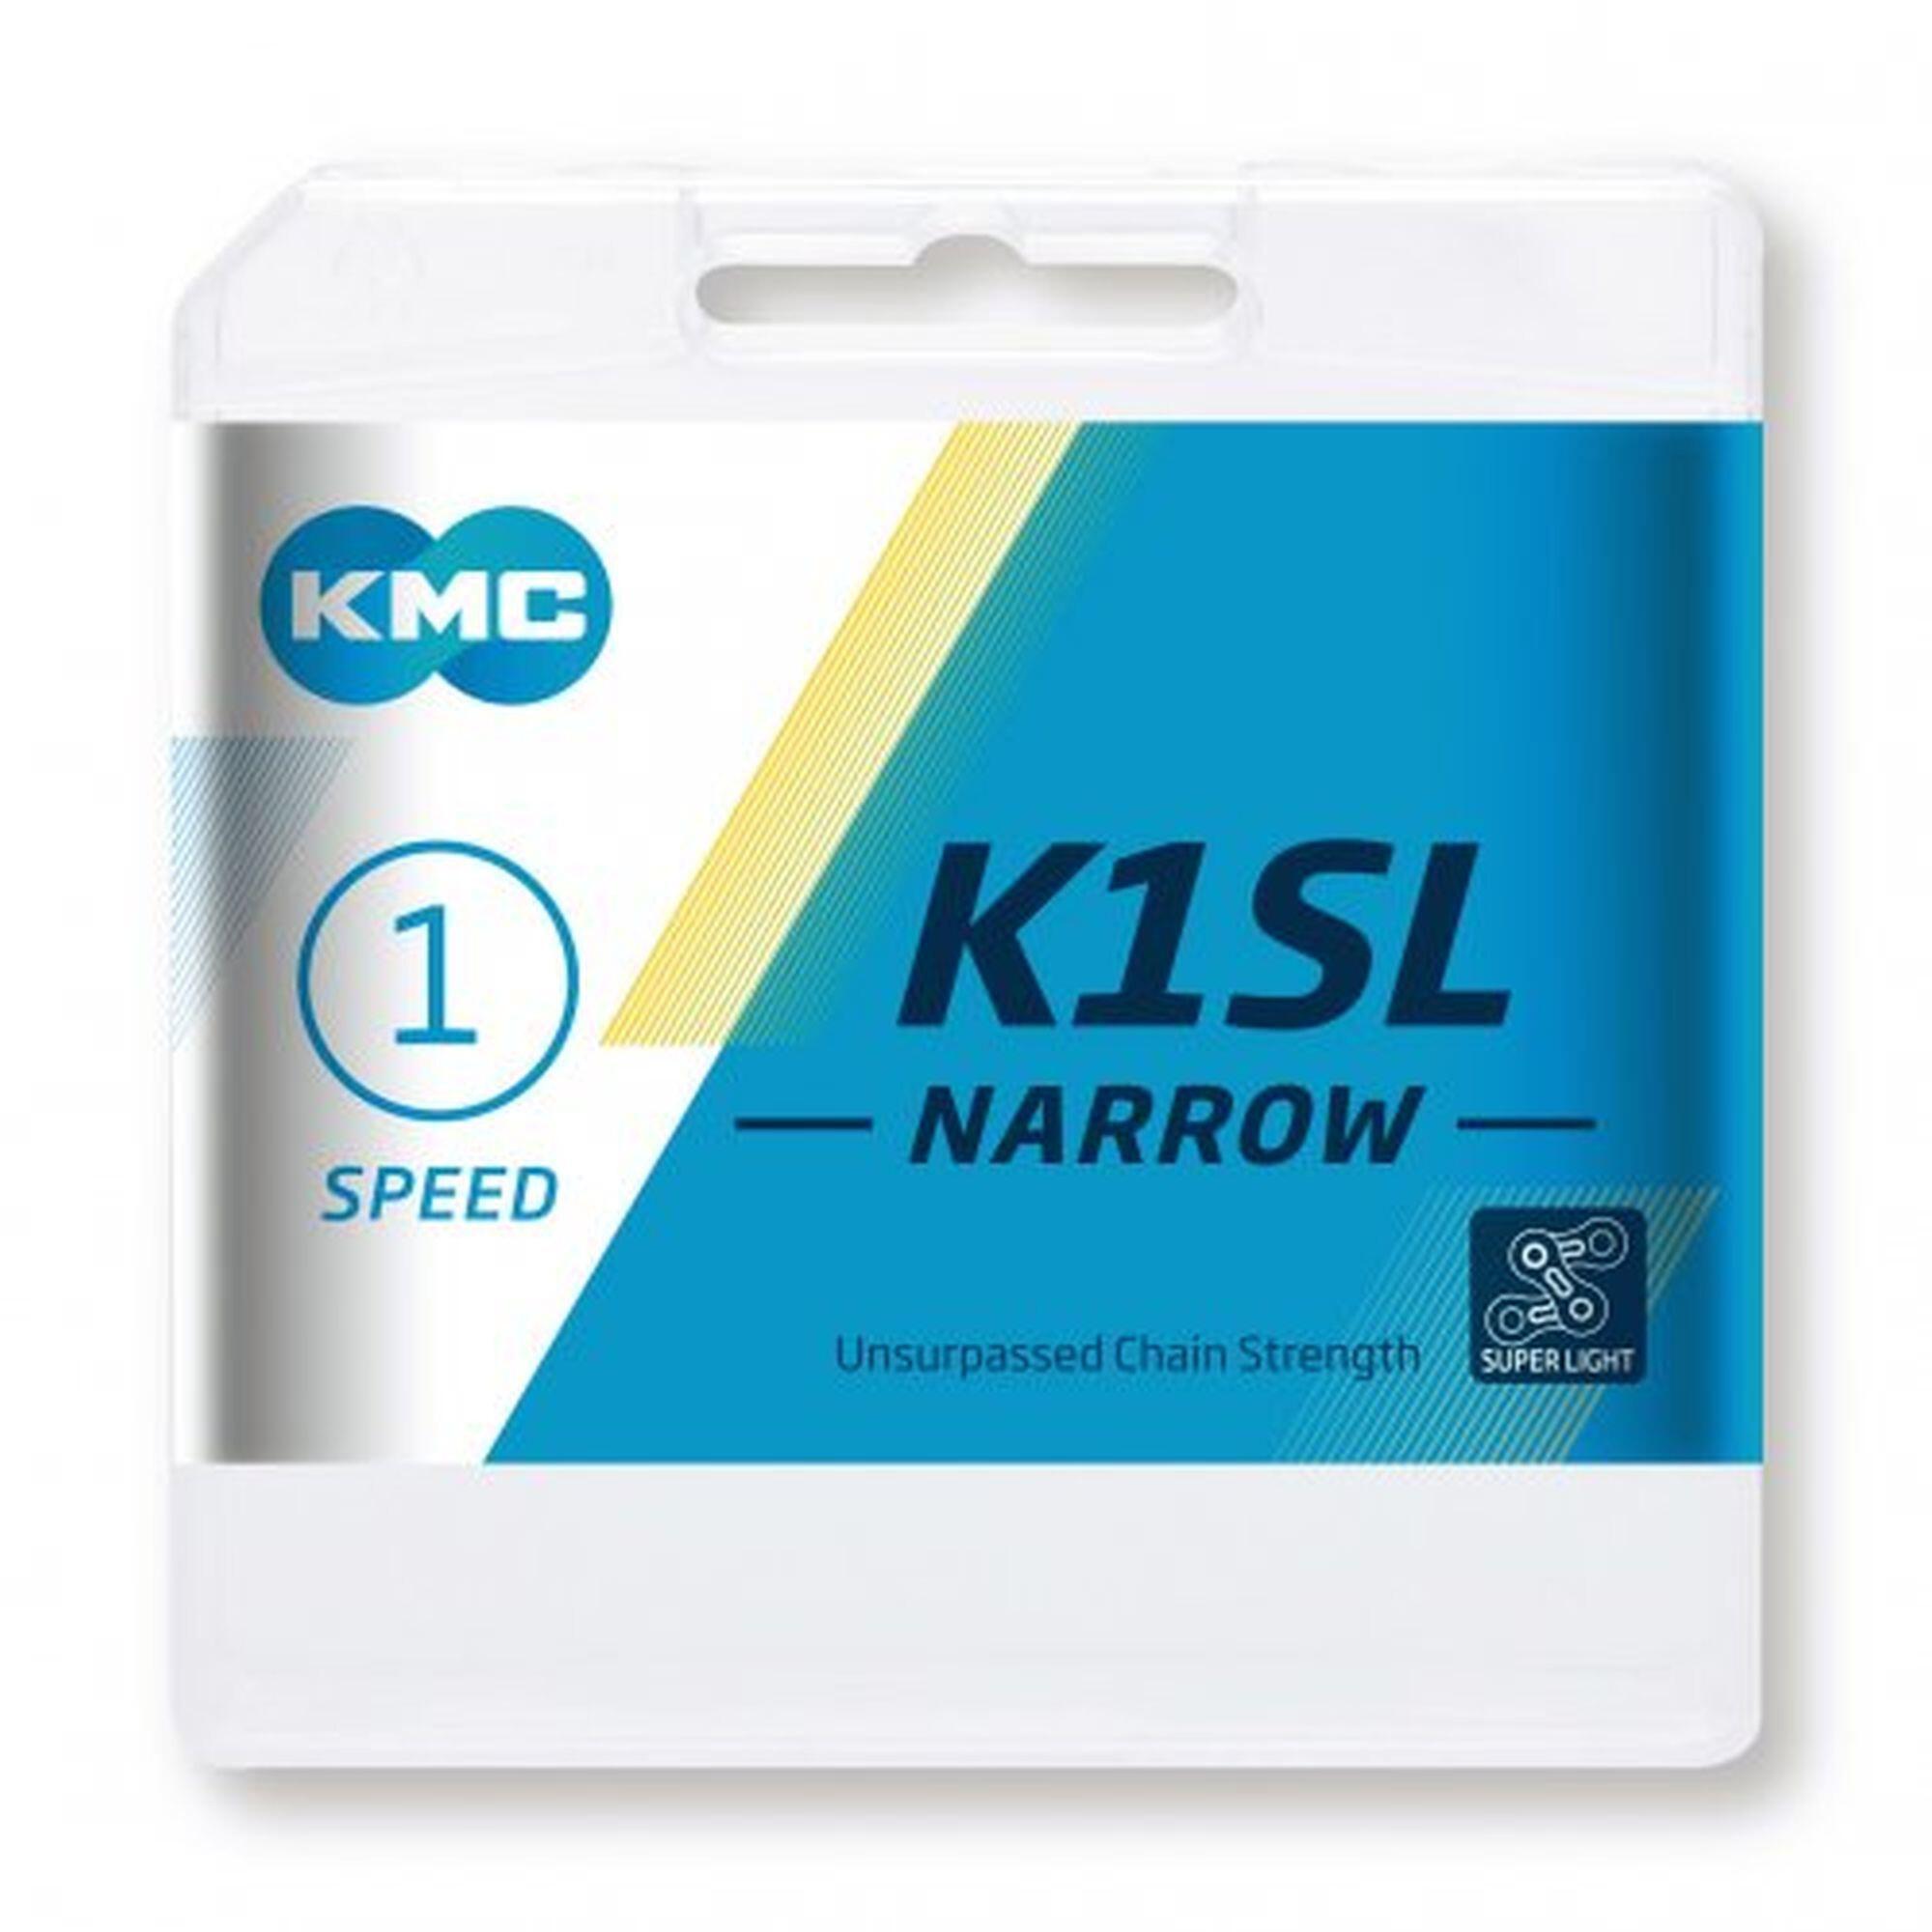 KMC K1SL Narrow Ti-N Kæde 1-speed, gold | Kæder